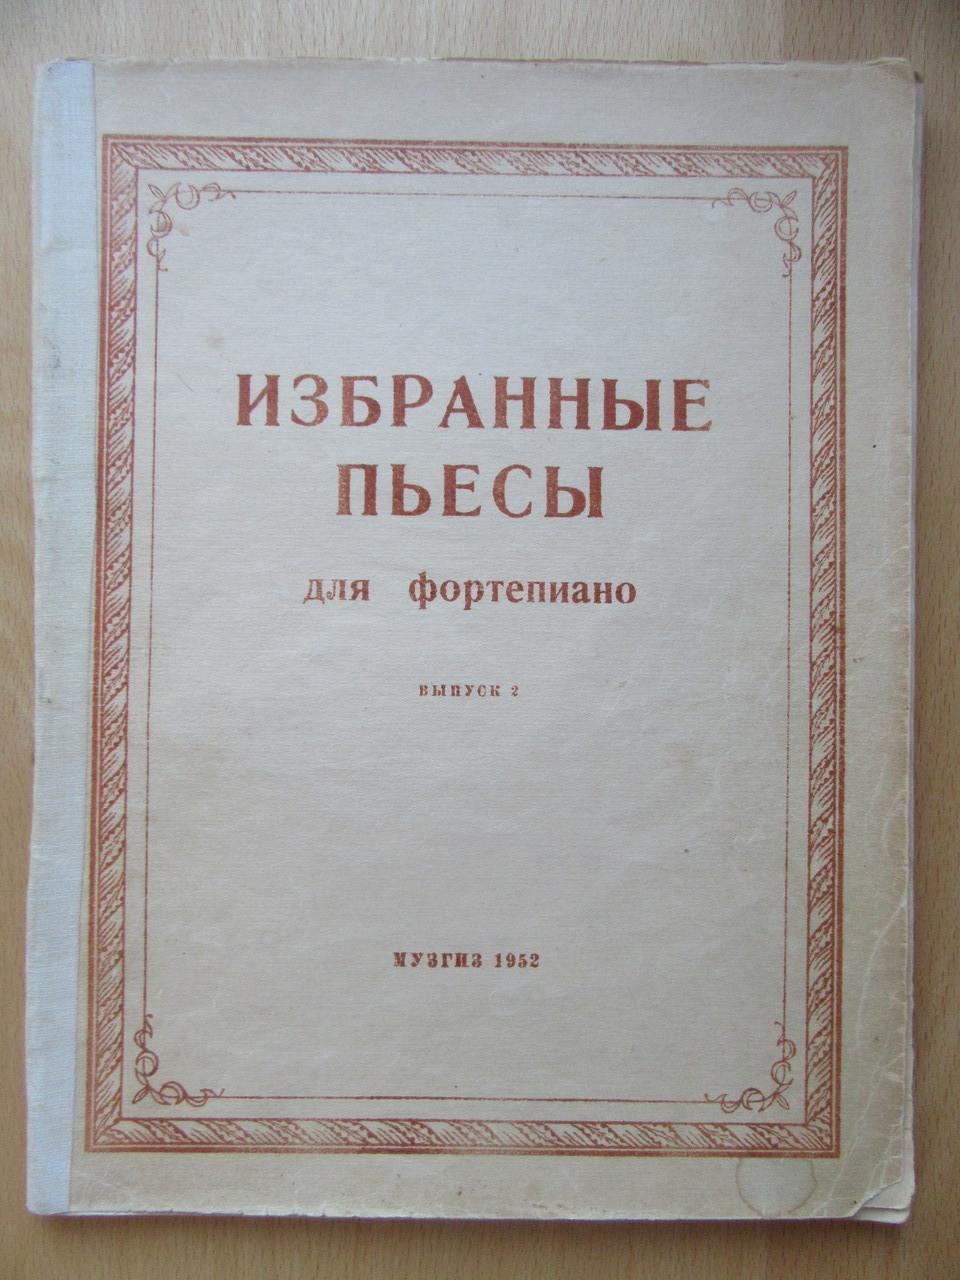 Избранные пьесы для фортепиано. Западноевропейские композиторы. Выпуск 2. Музгиз 1952г